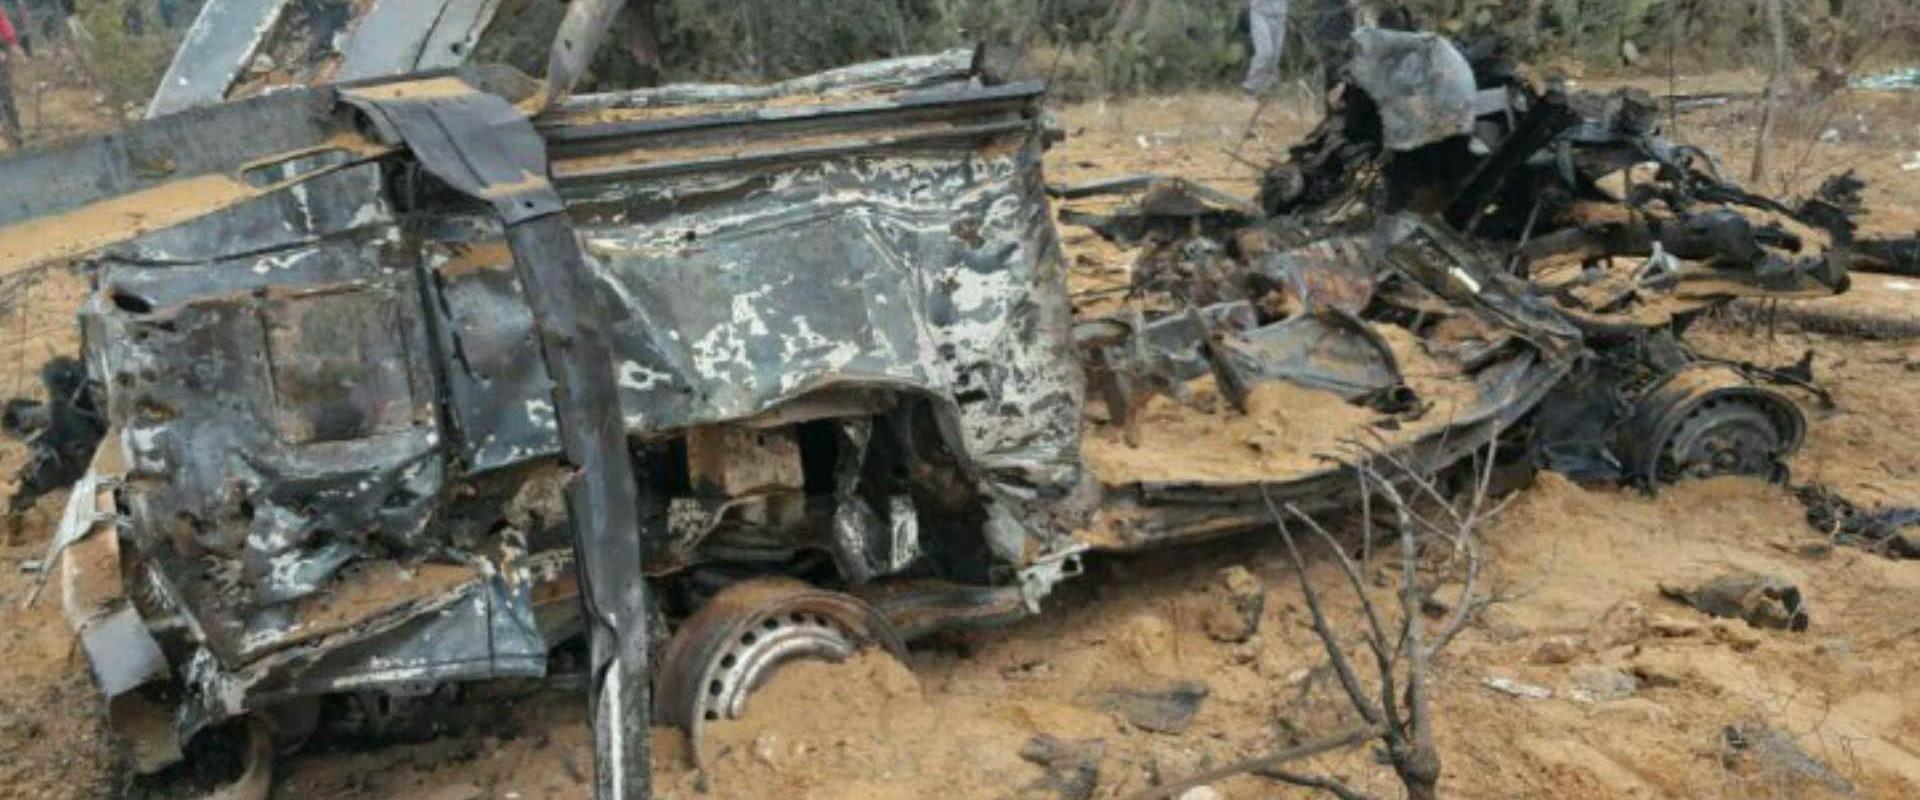 הרכב שבו נעשה שימוש במבצע בחאן יונס והושמד